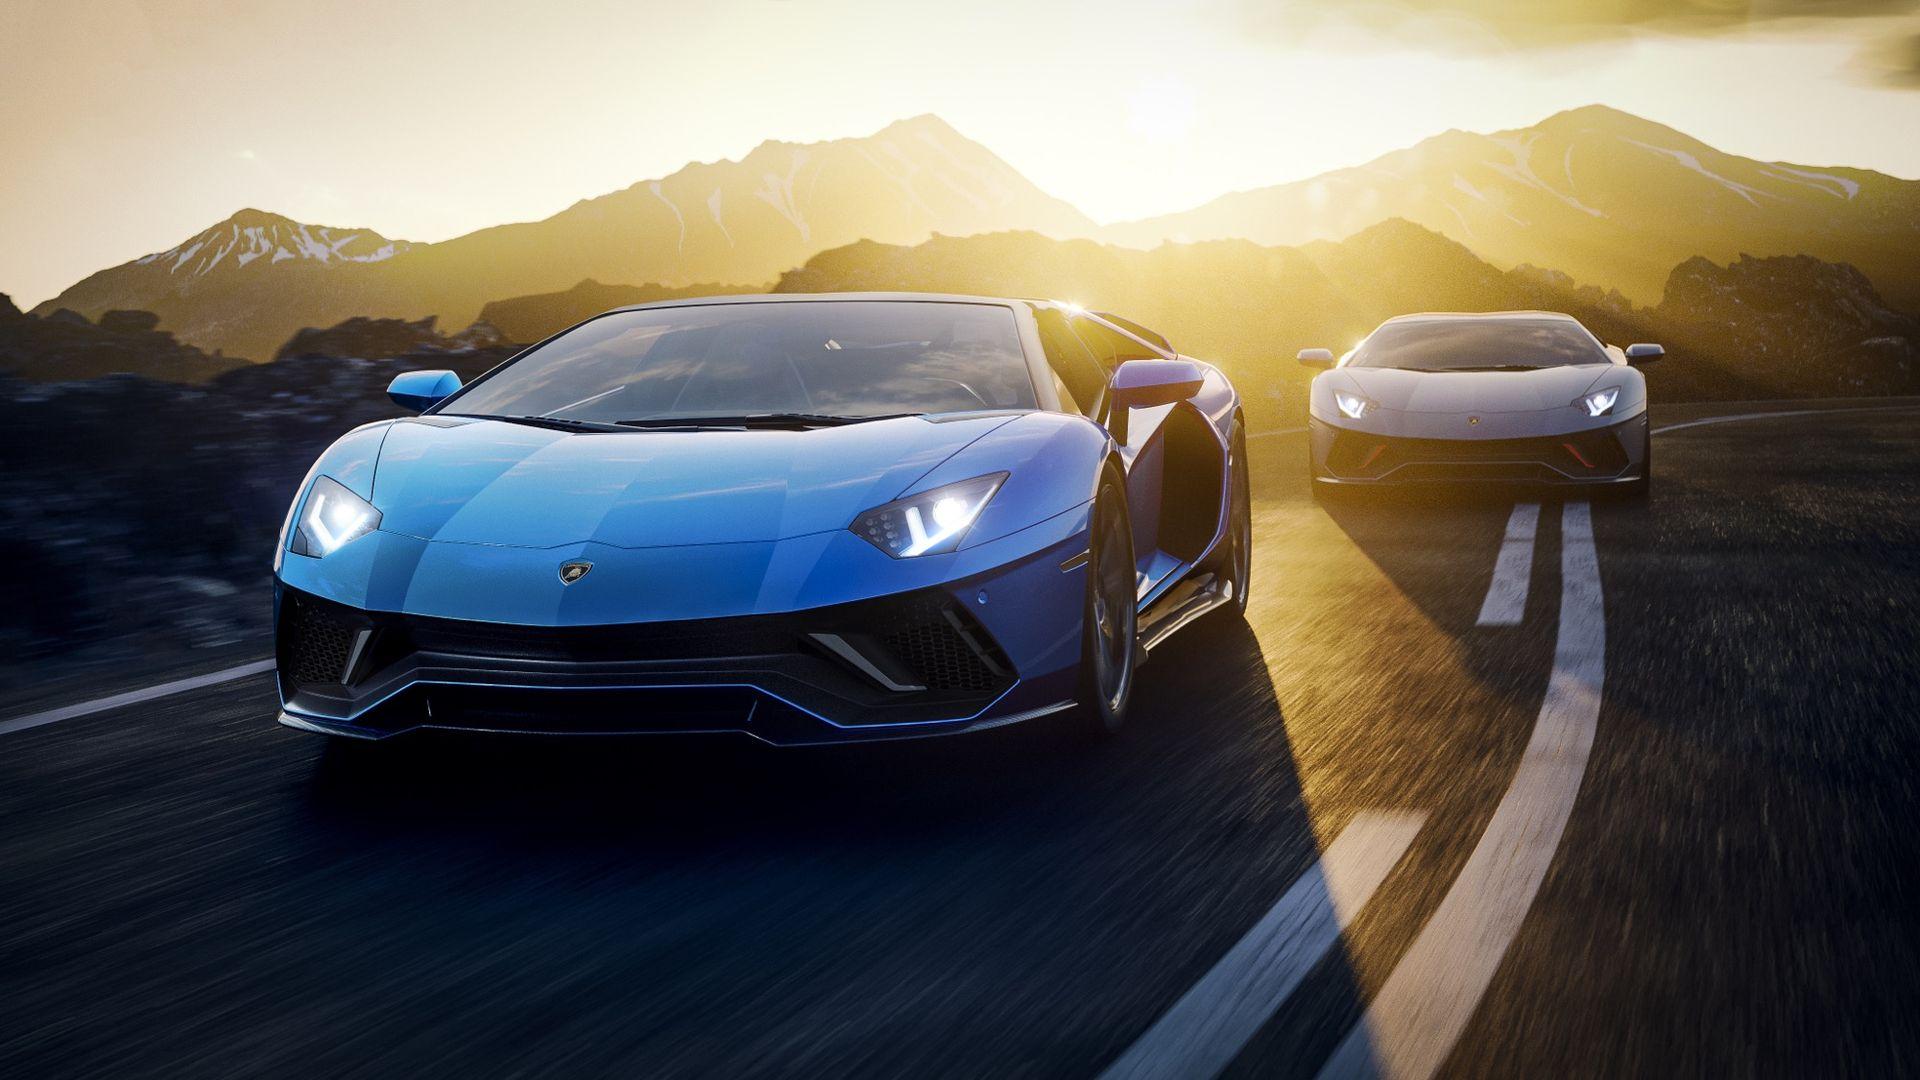 Sista versionen av Lamborghini Aventador är här